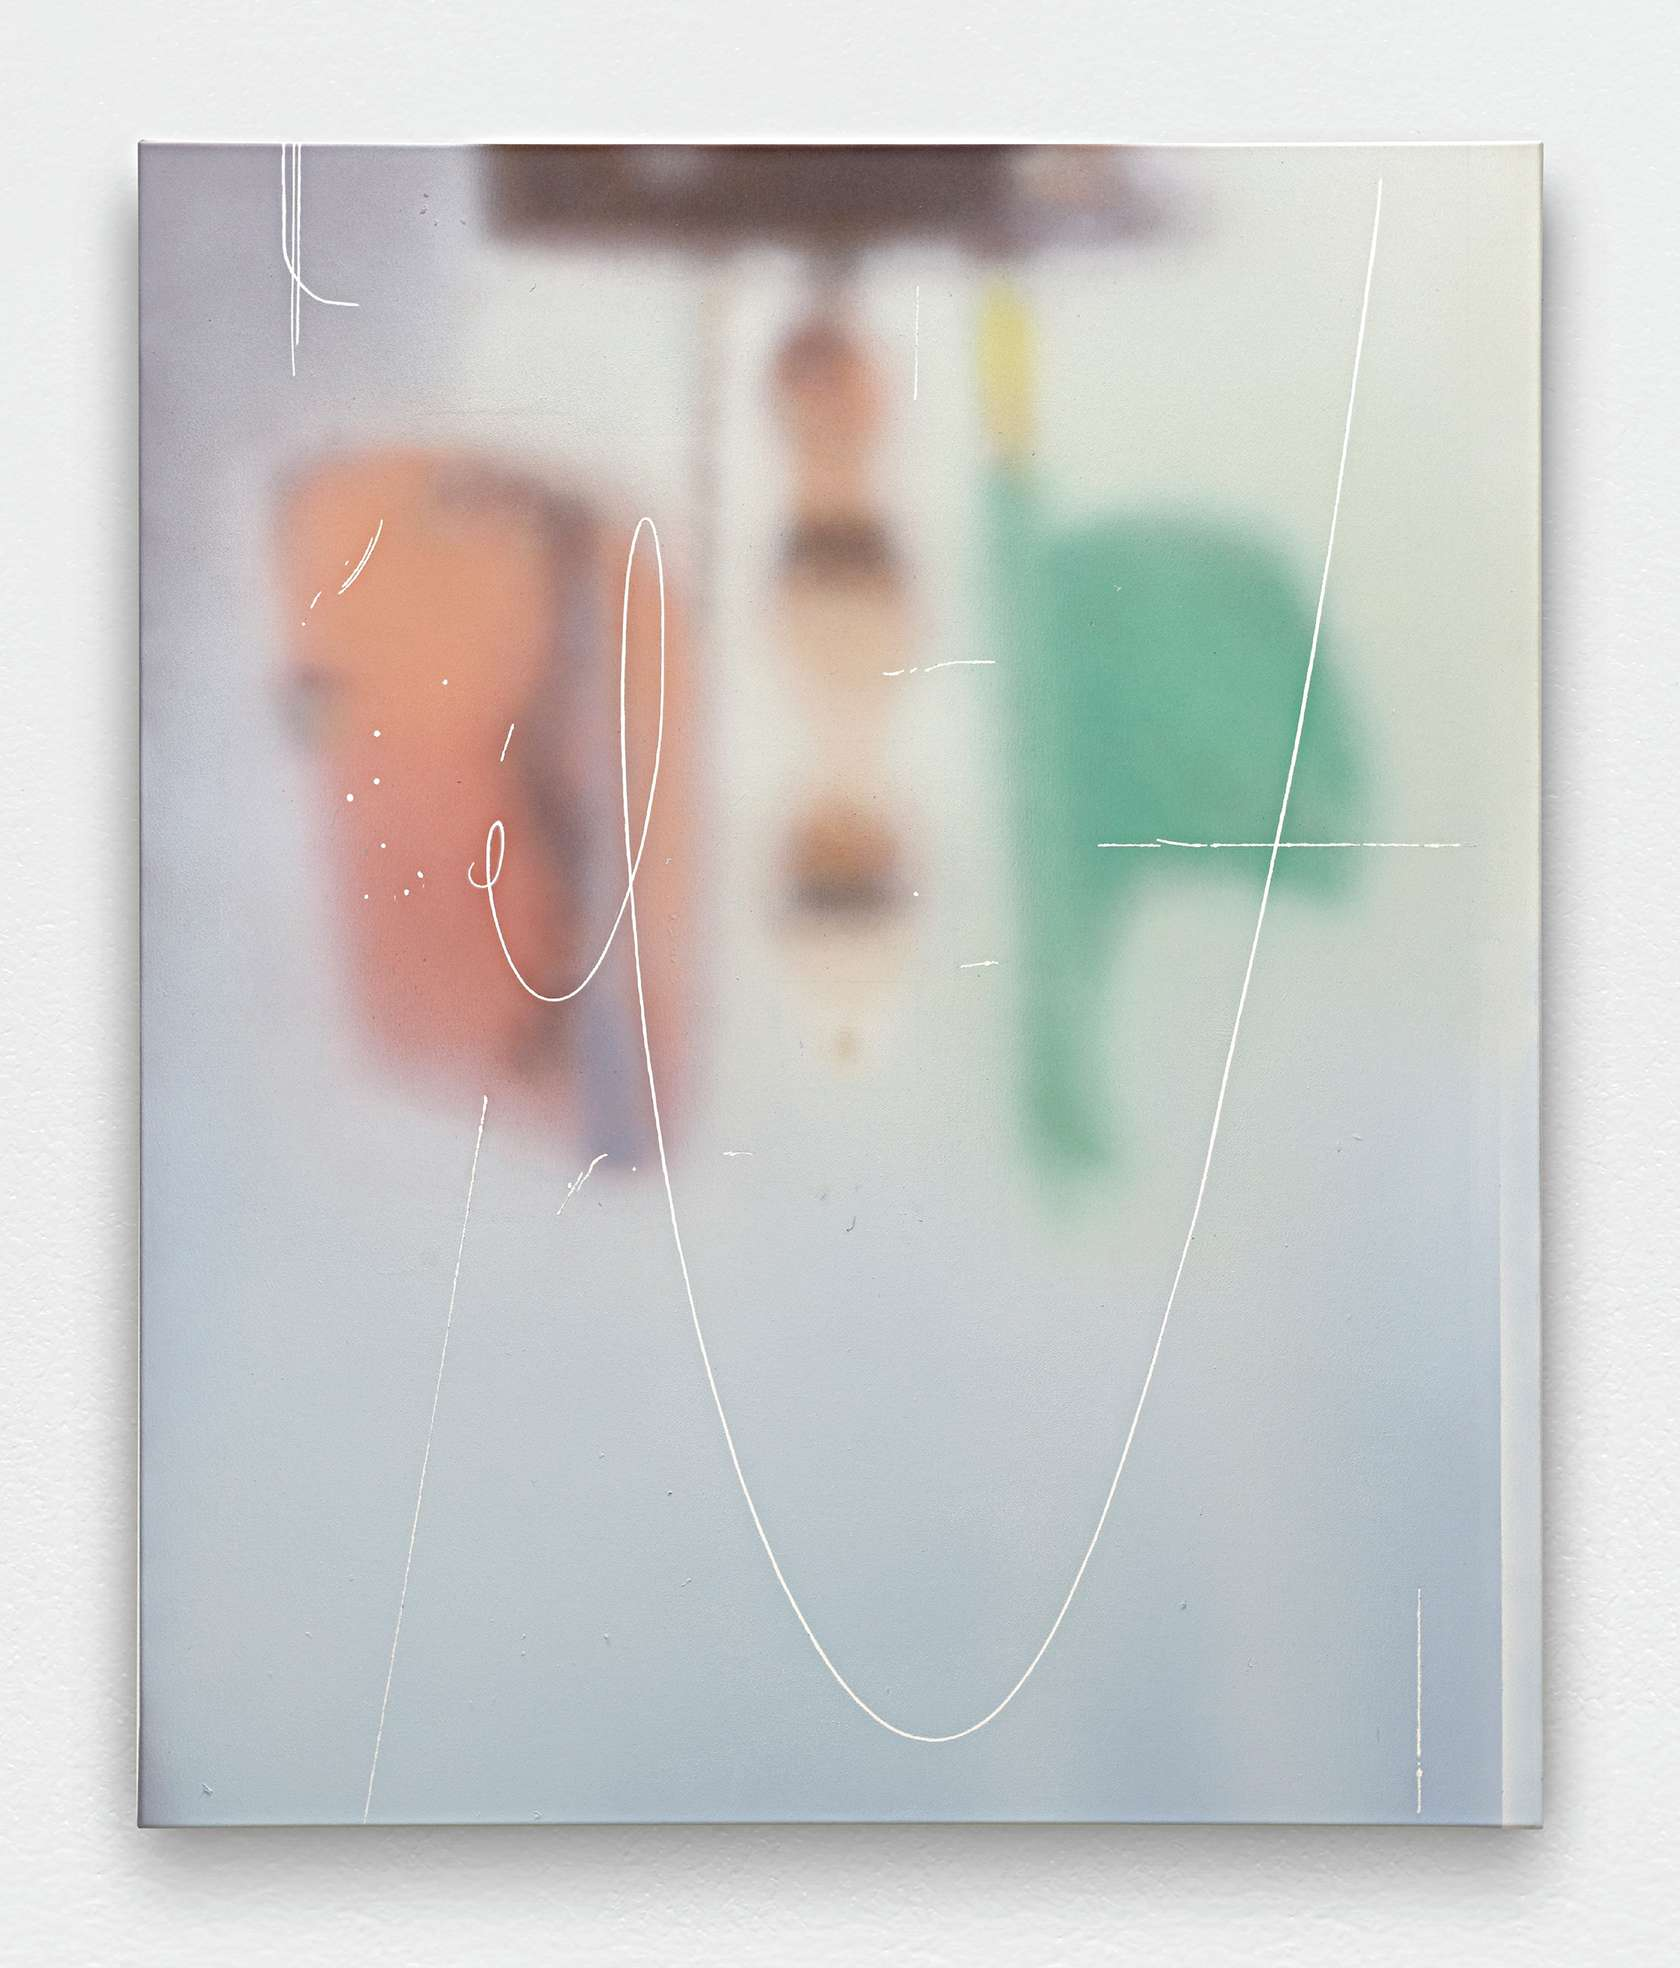 Julien Tiberi, Sans titre, 2016 Acrylique sur toile120 × 100 cm / 47 2/8 × 39 3/8 in.